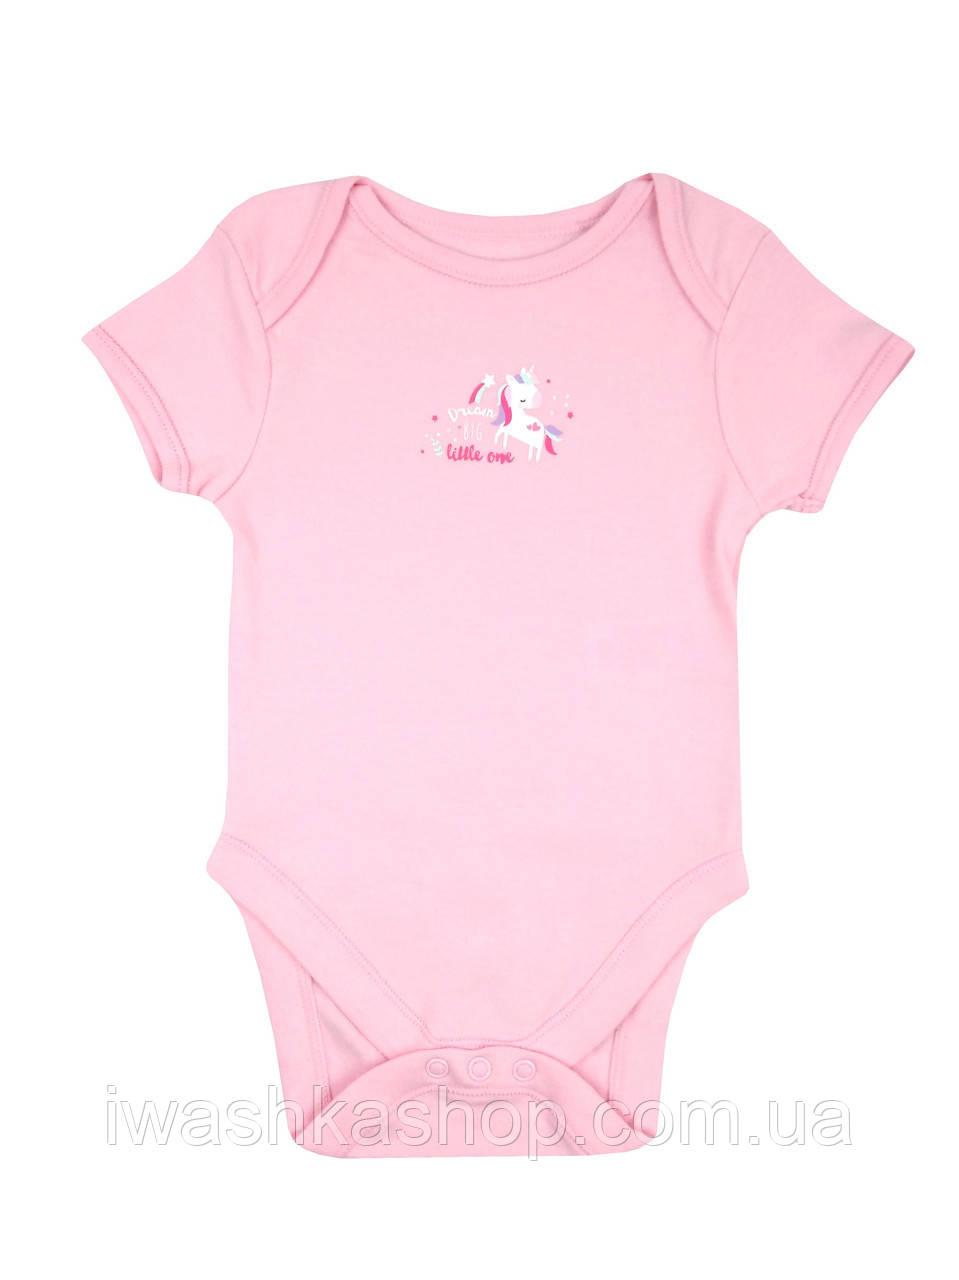 Розовое боди с короткими рукавами, с единорогом на новорожденных девочек до 1 месяца, Early days by Primark